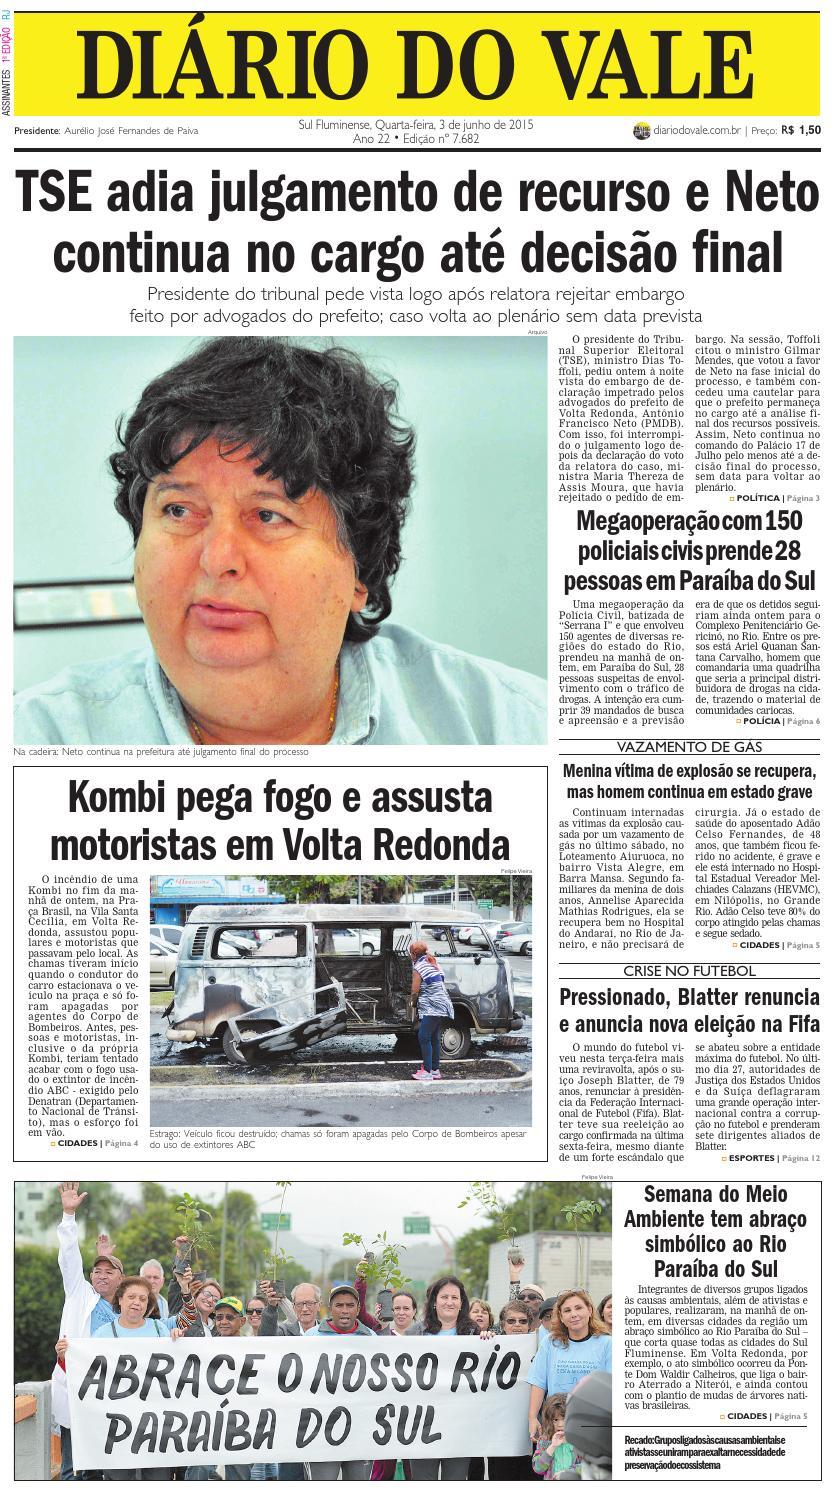 ebab9e601b 7682 diario quarta feira 03 06 2015 by Diário do Vale - issuu